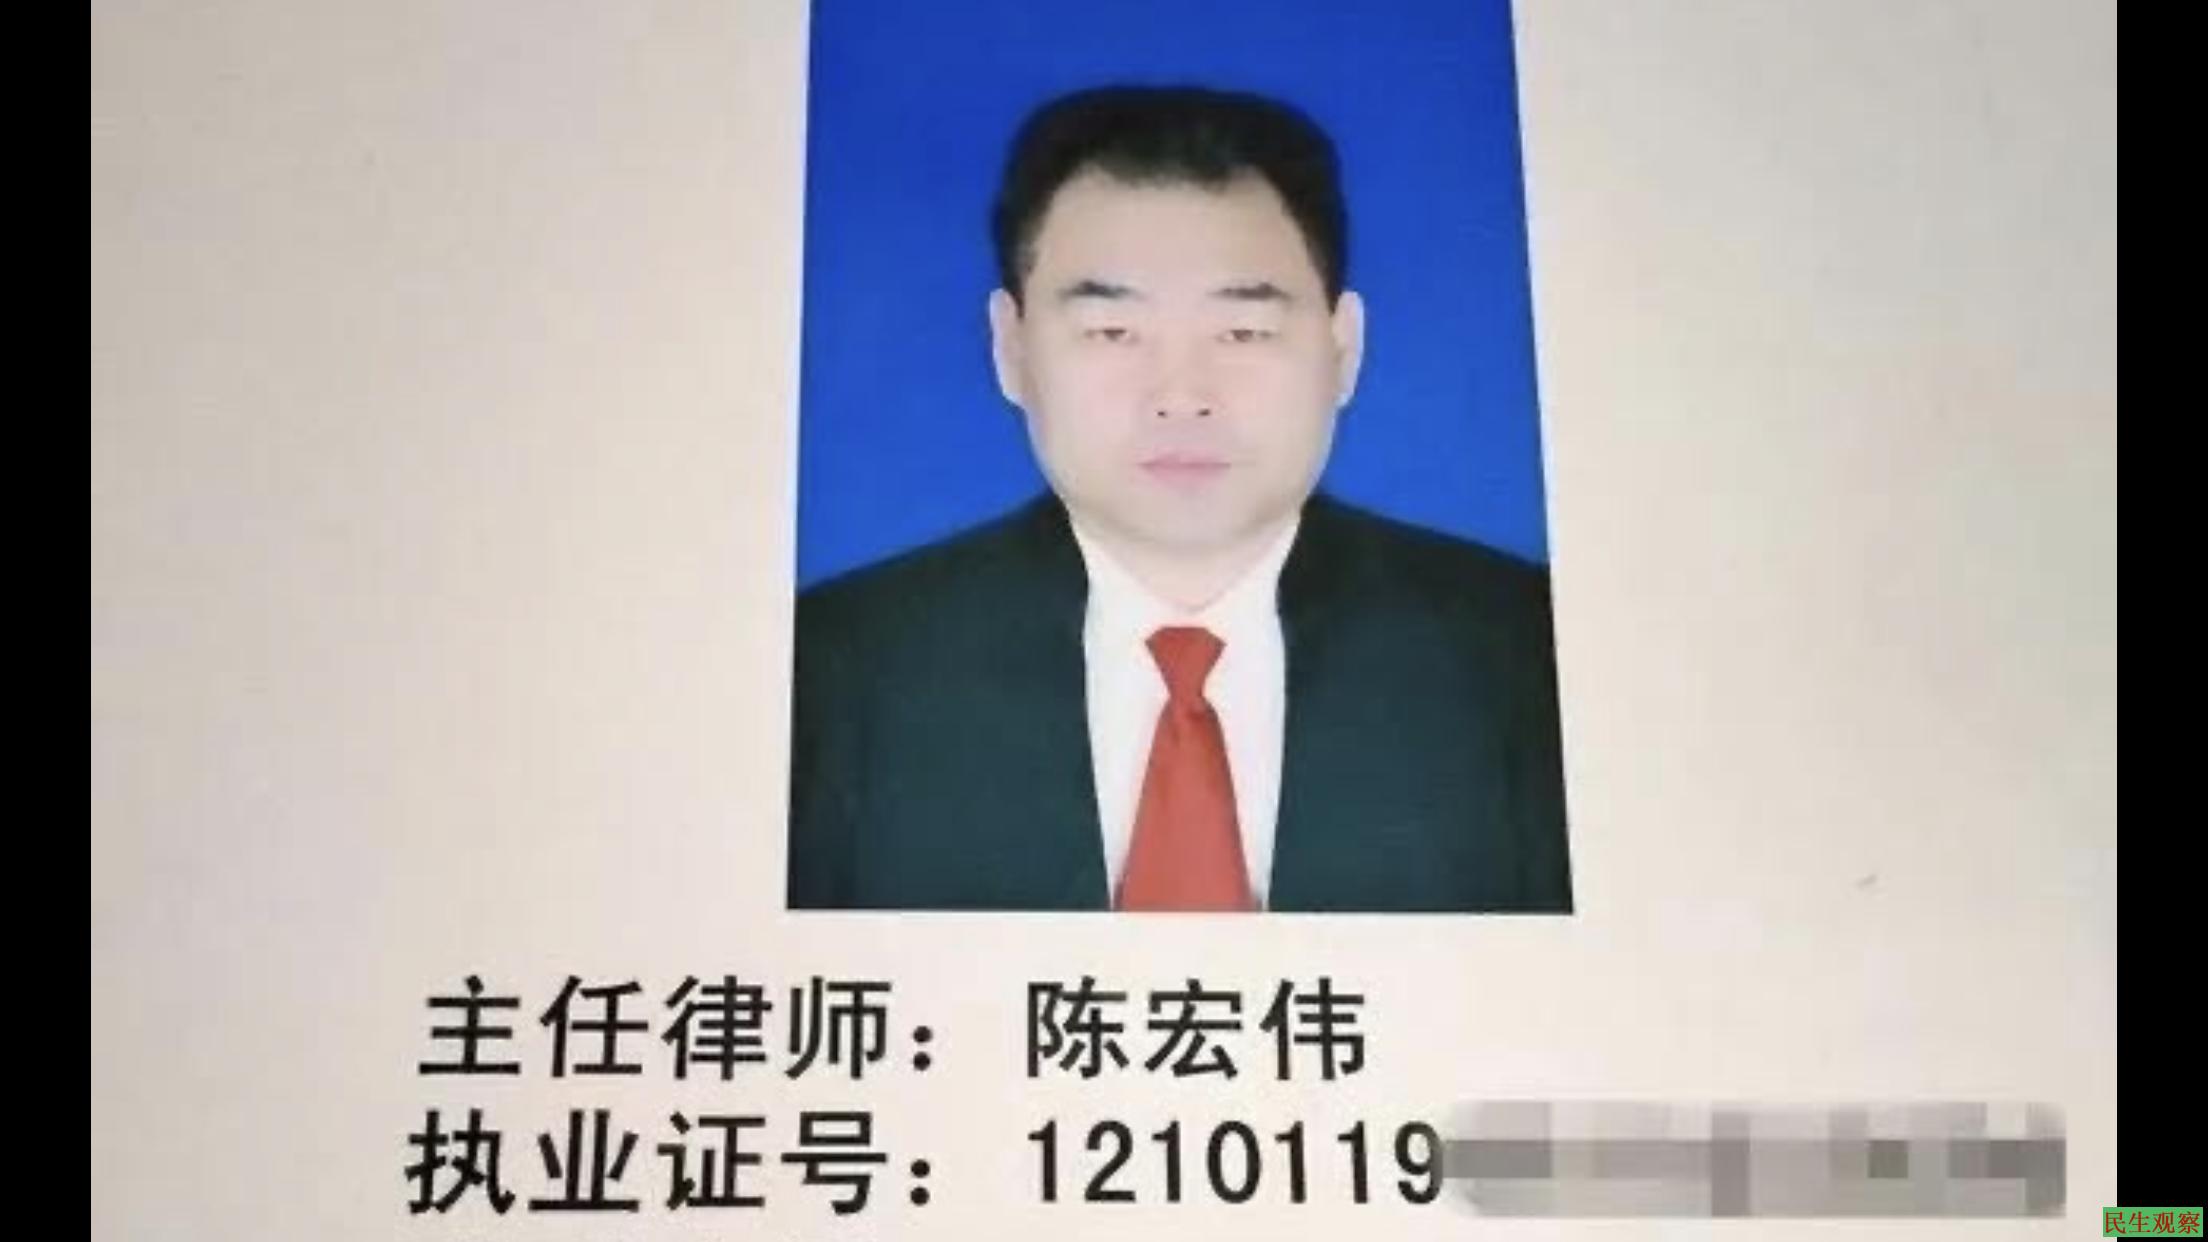 辽宁一律师被判刑15年曾举报当地官员